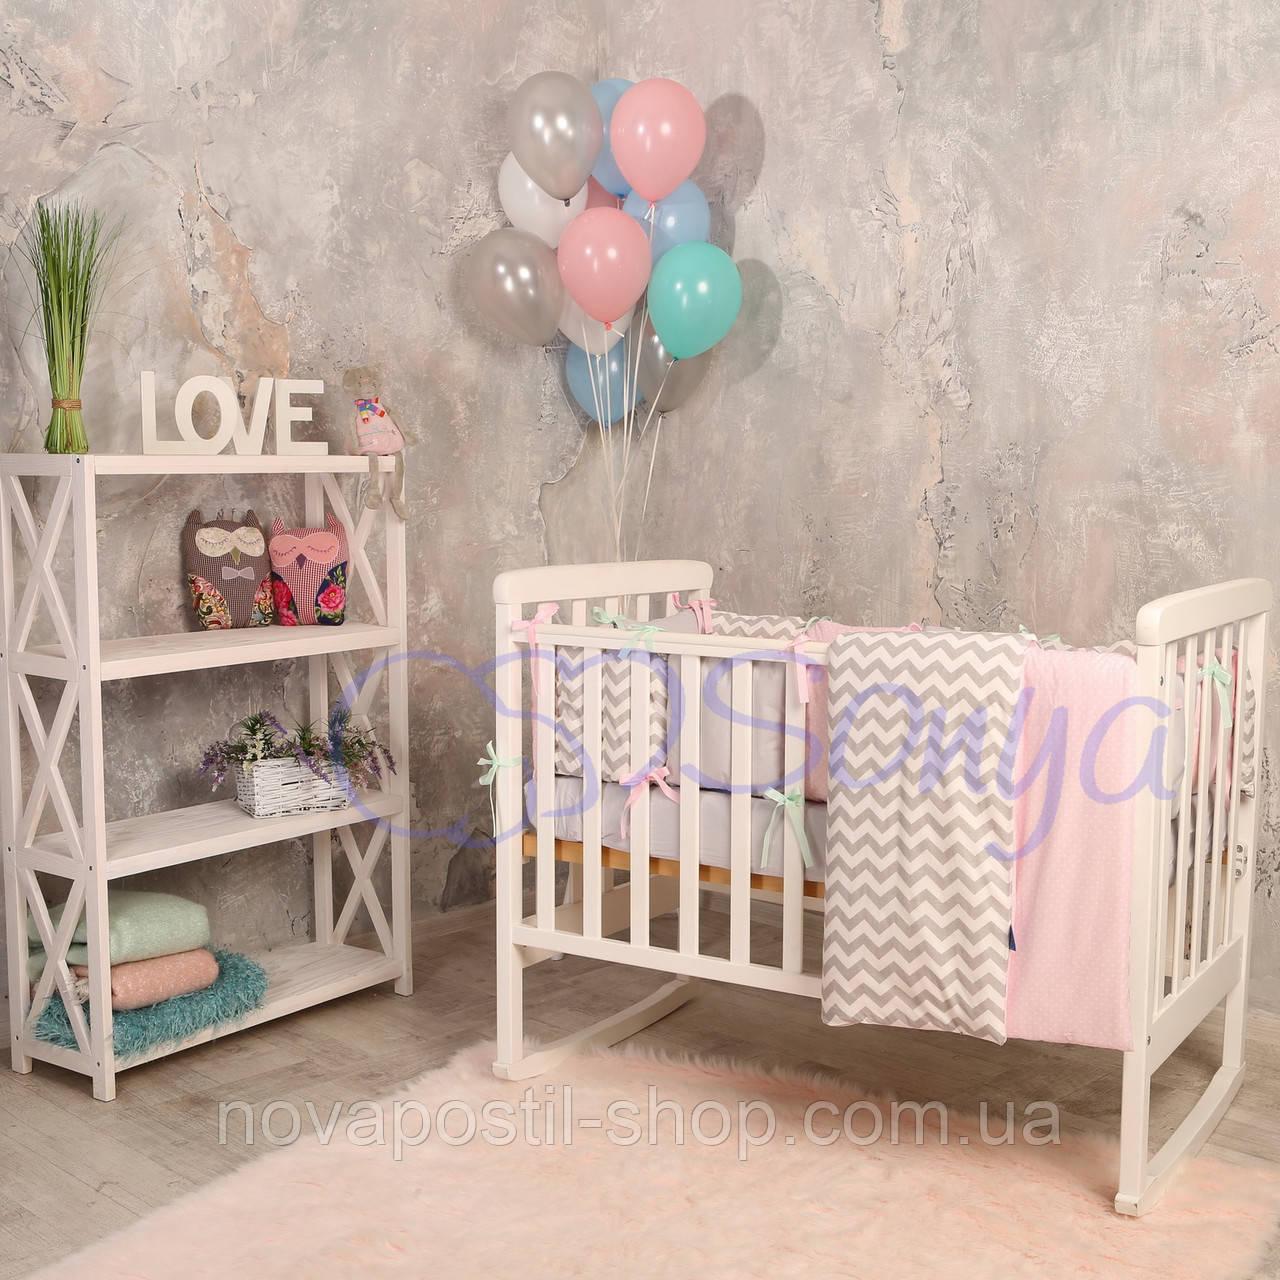 Набор в детскую кроватку Baby Design зигзаг серо-розовый (6 предметов)